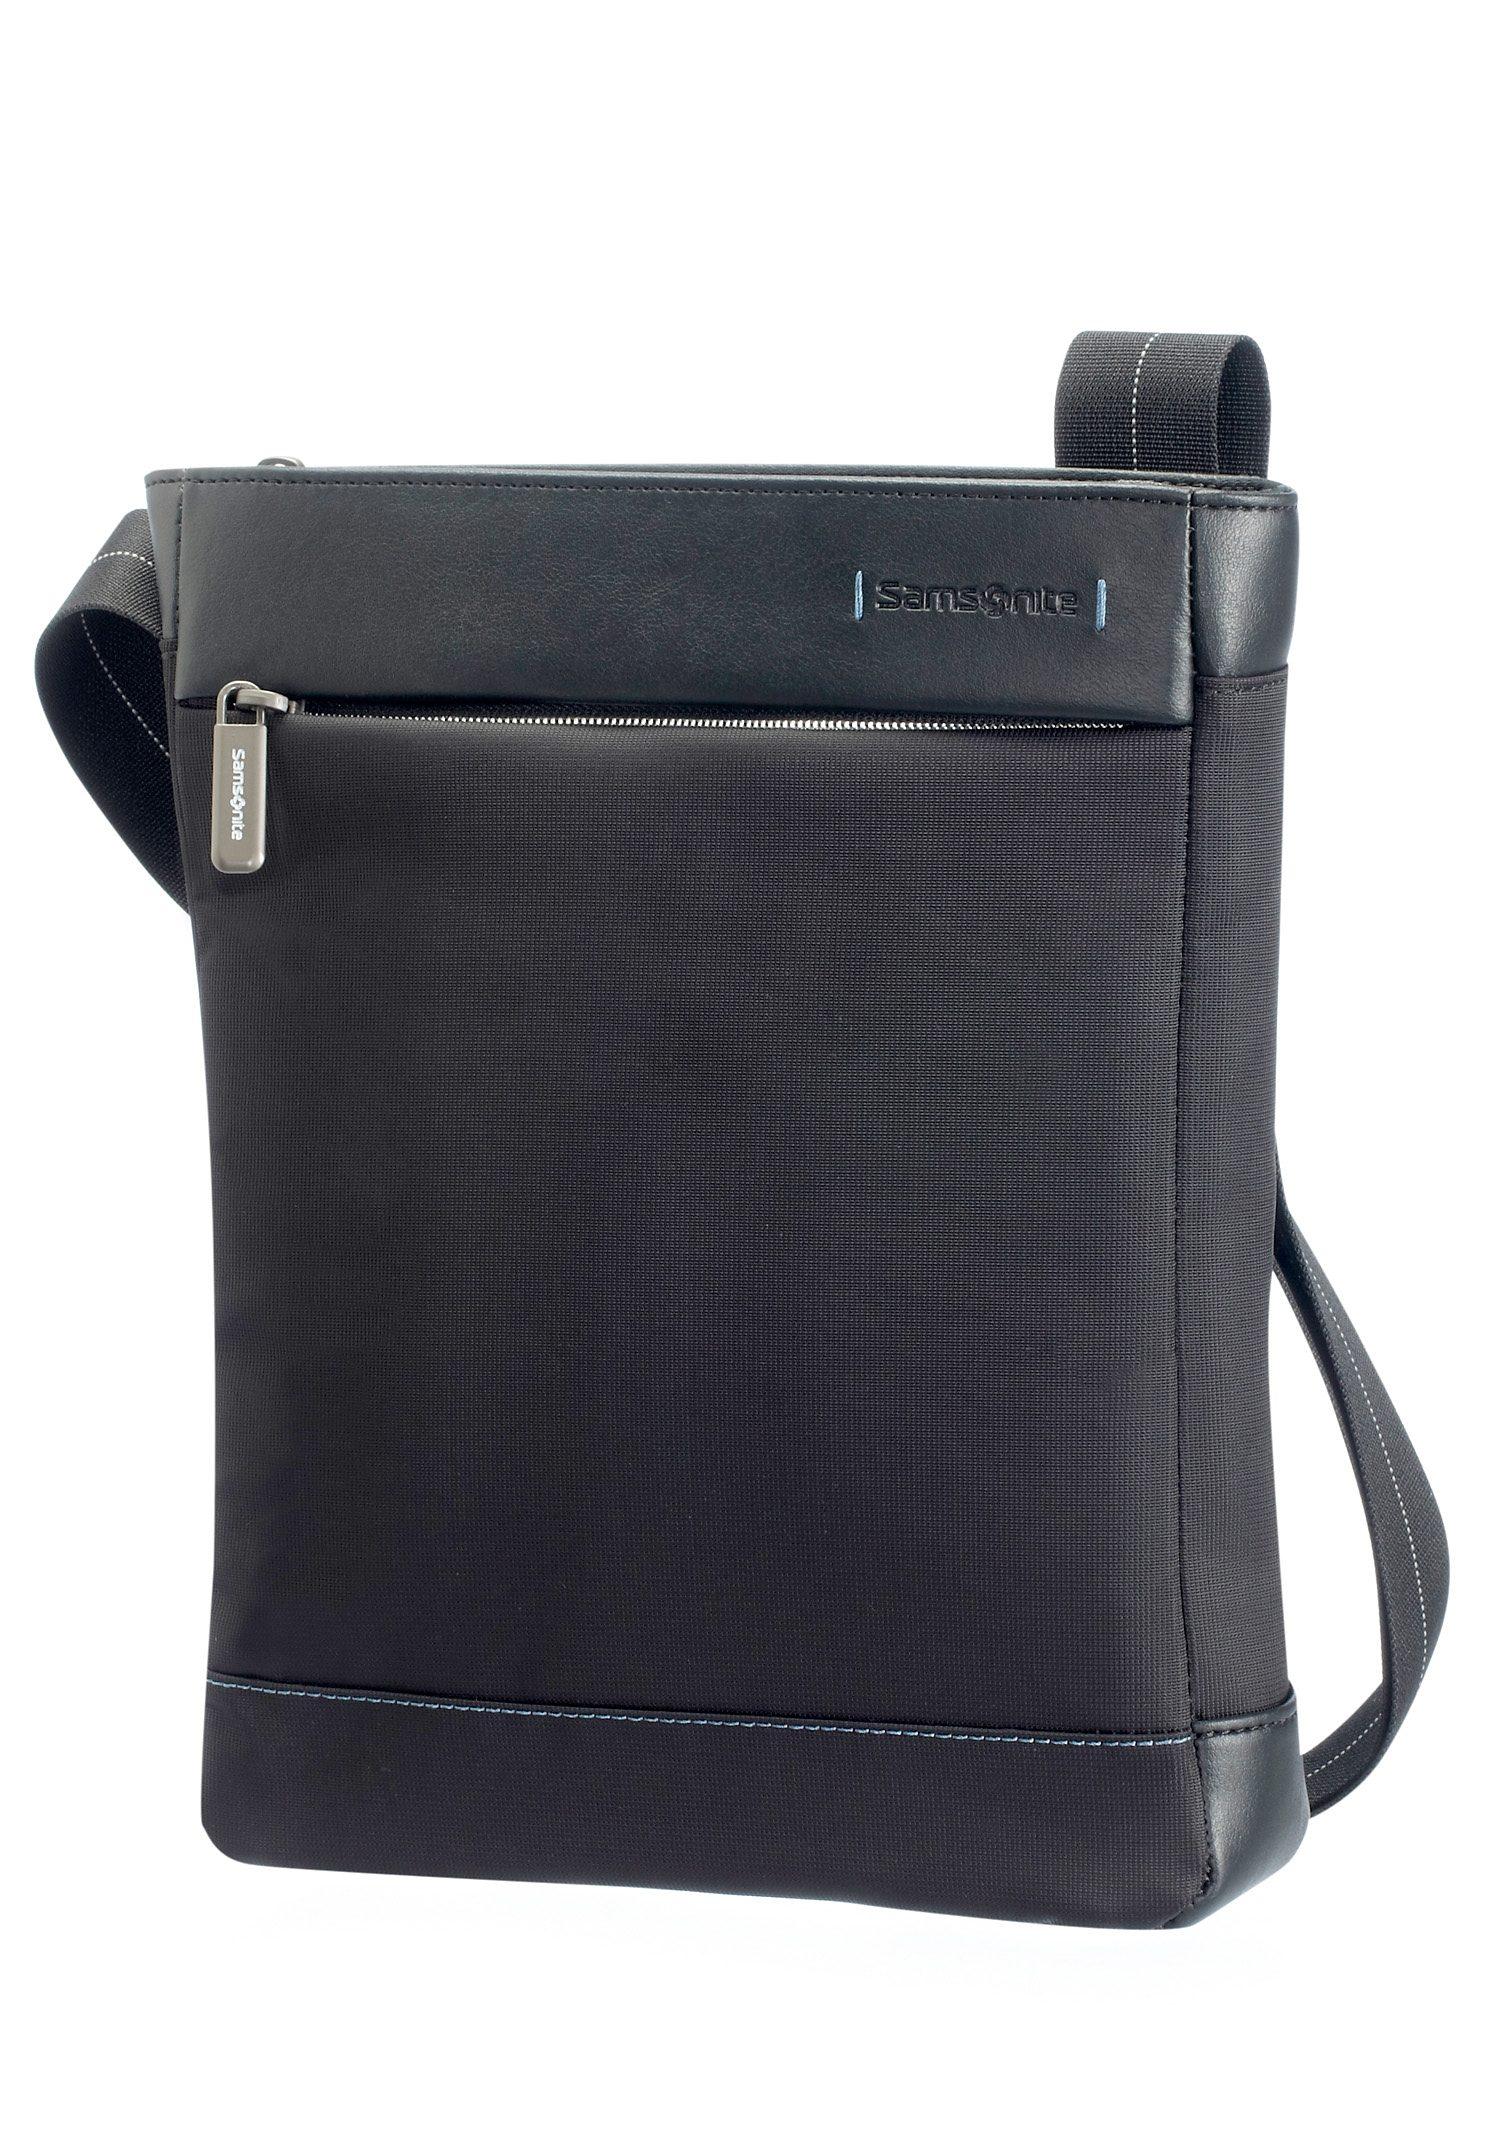 Samsonite 7-Zoll Tablet-Tasche mit Schultergurt, »Spectrolite«